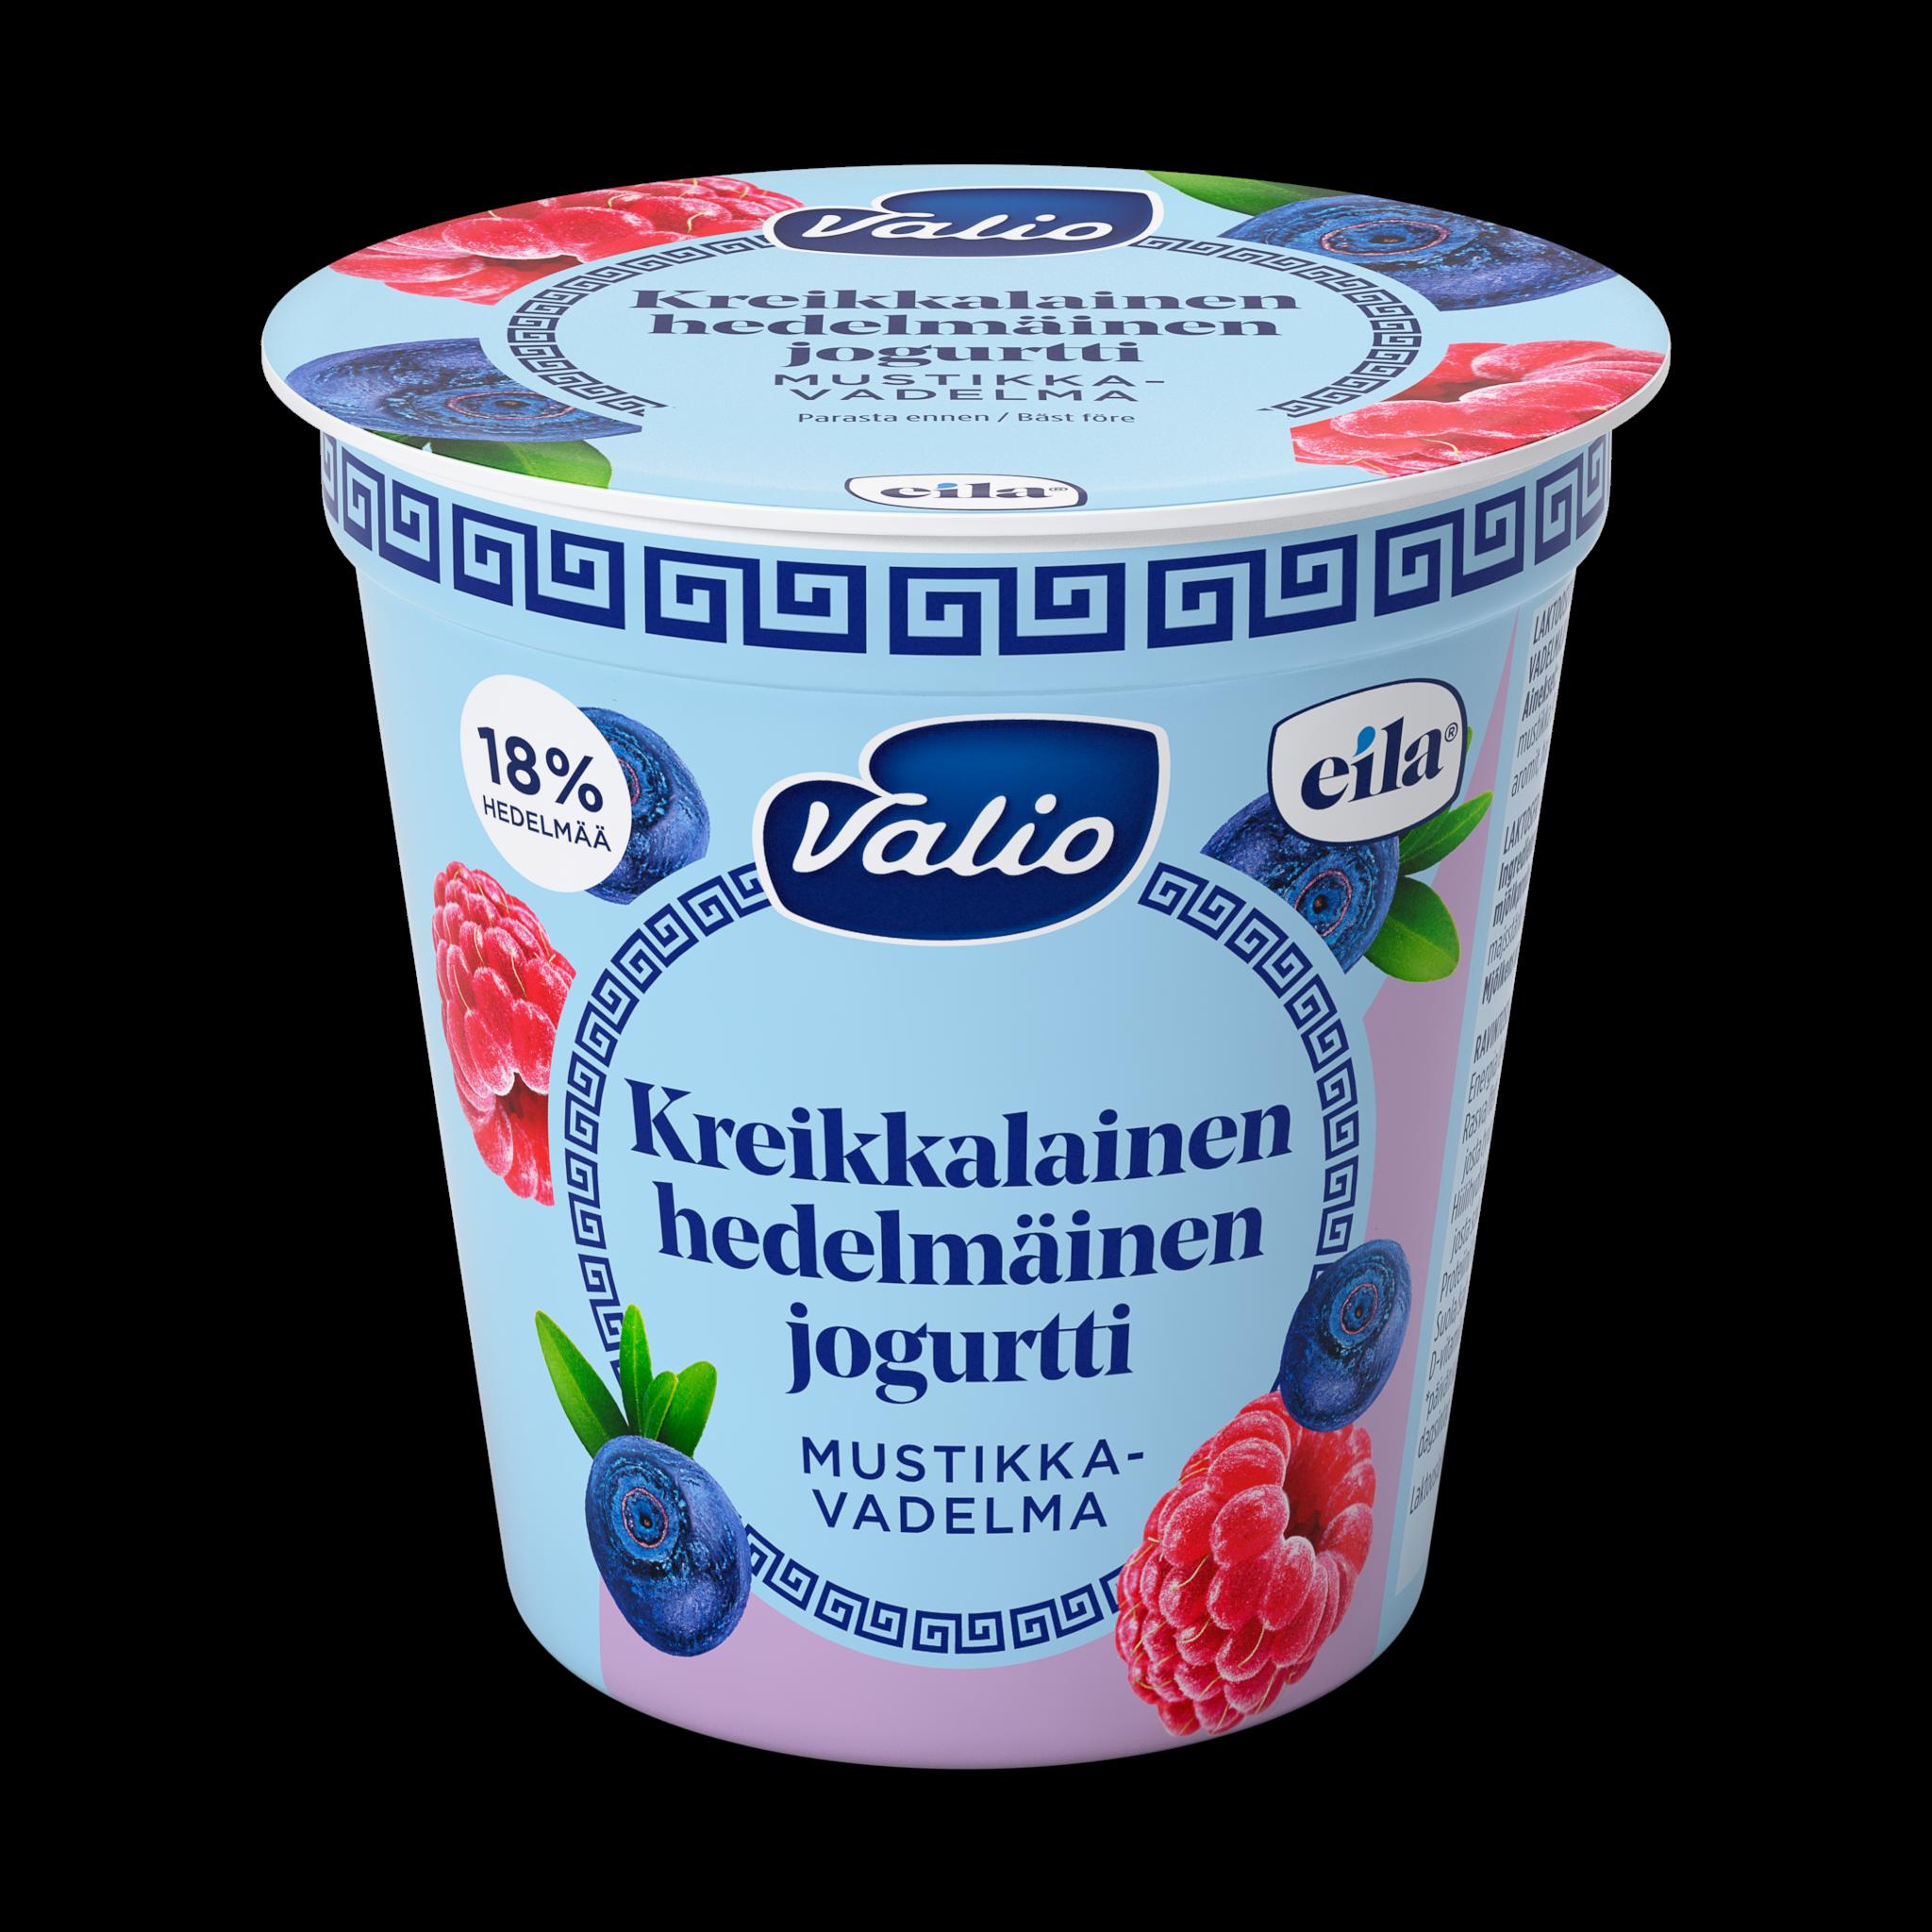 Valio kreikkalainen hedelmäinen jogurtti mustikka-vadelma laktoositon